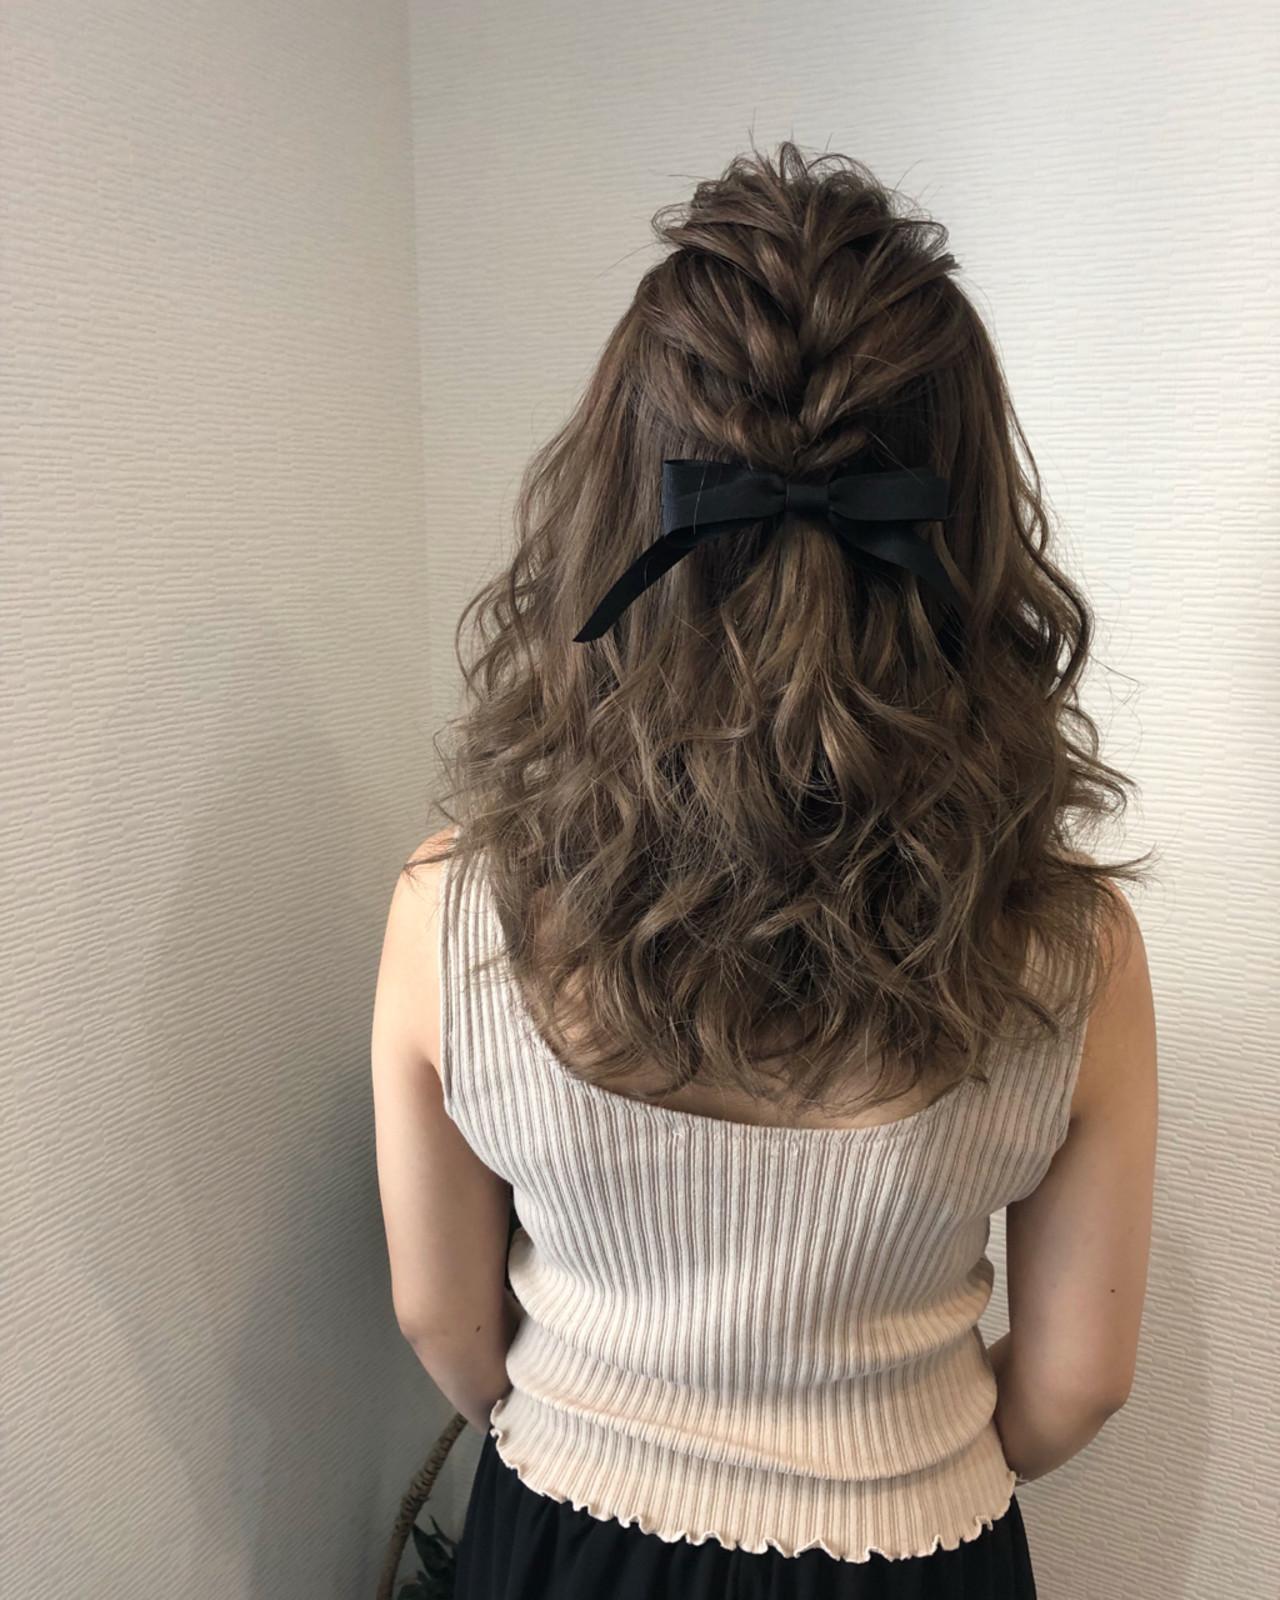 ヘアアレンジ ミディアム 前髪アレンジ 編み込み ヘアスタイルや髪型の写真・画像